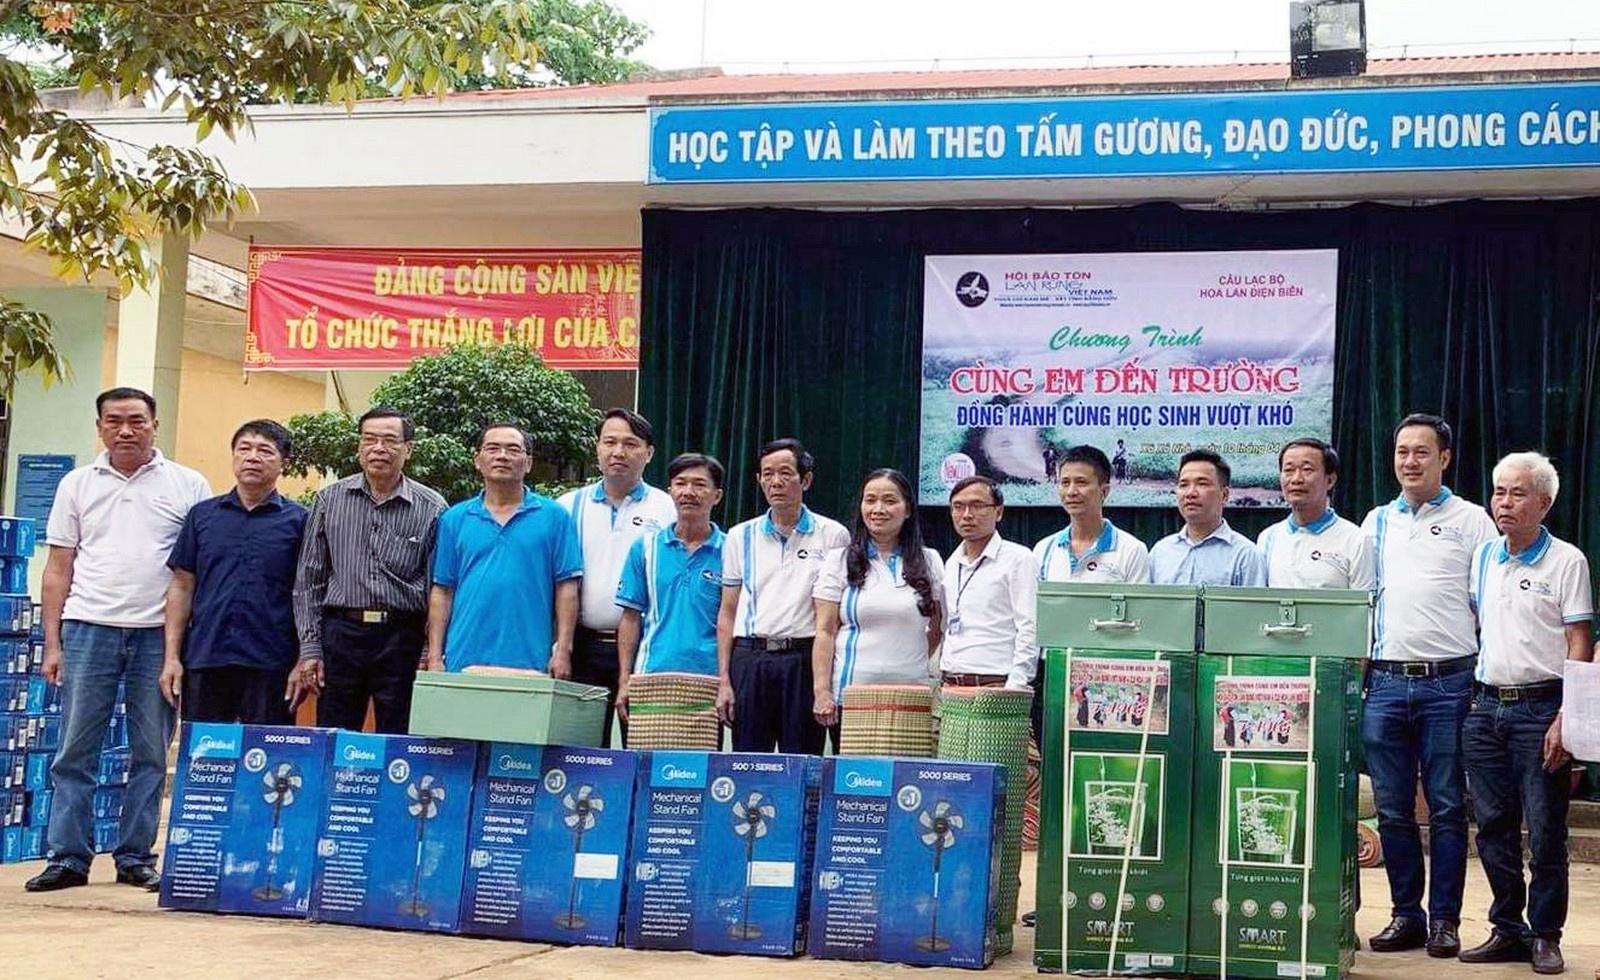 Hoài Phương, Minh Dự, Stefan Nguyễn giúp người nghèo đổi đời 3